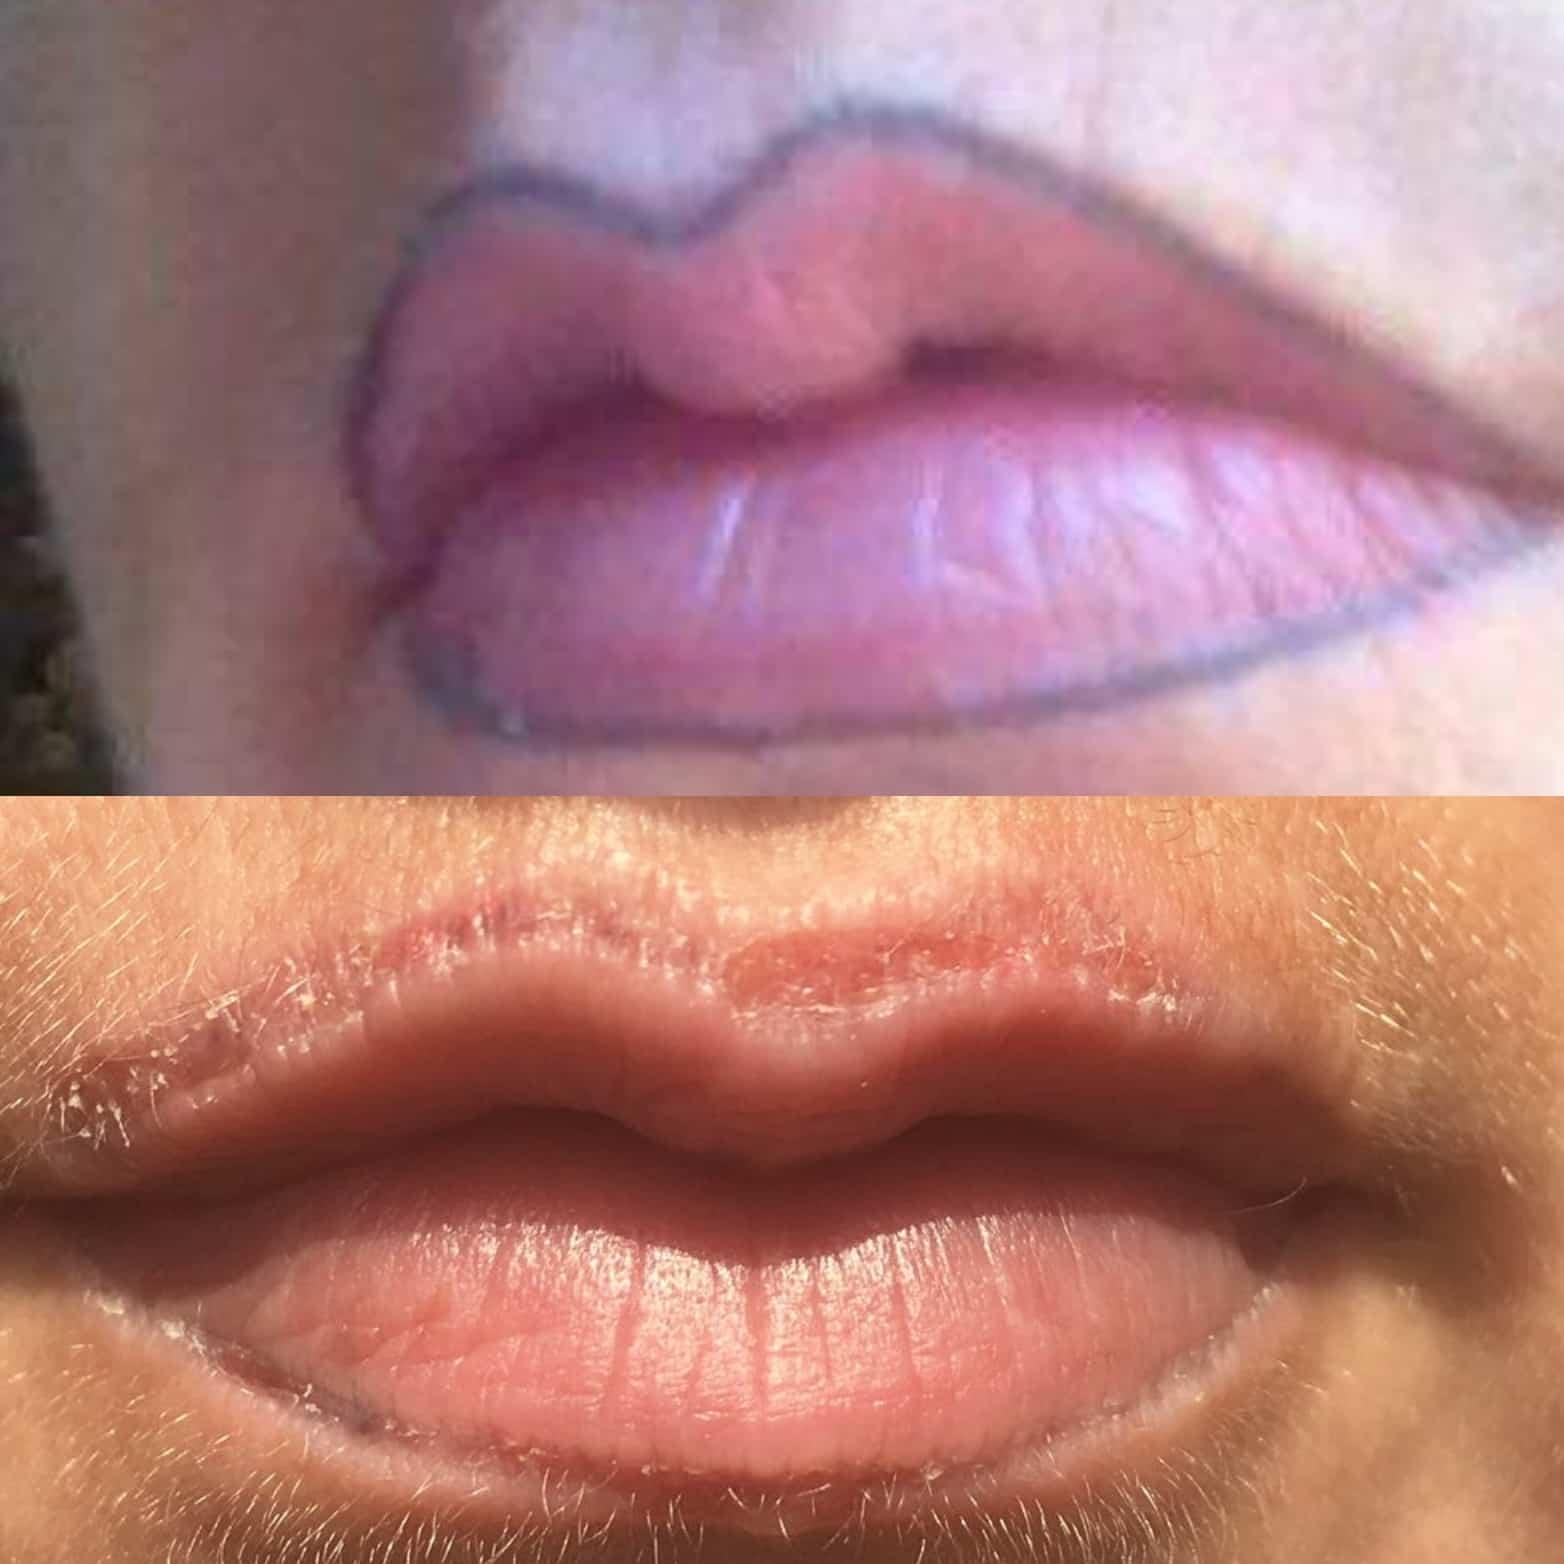 Beliebt Bevorzugt Lippen Permanent Make Up entfernen durch den Profi | RT Tiefenbacher #FC_99